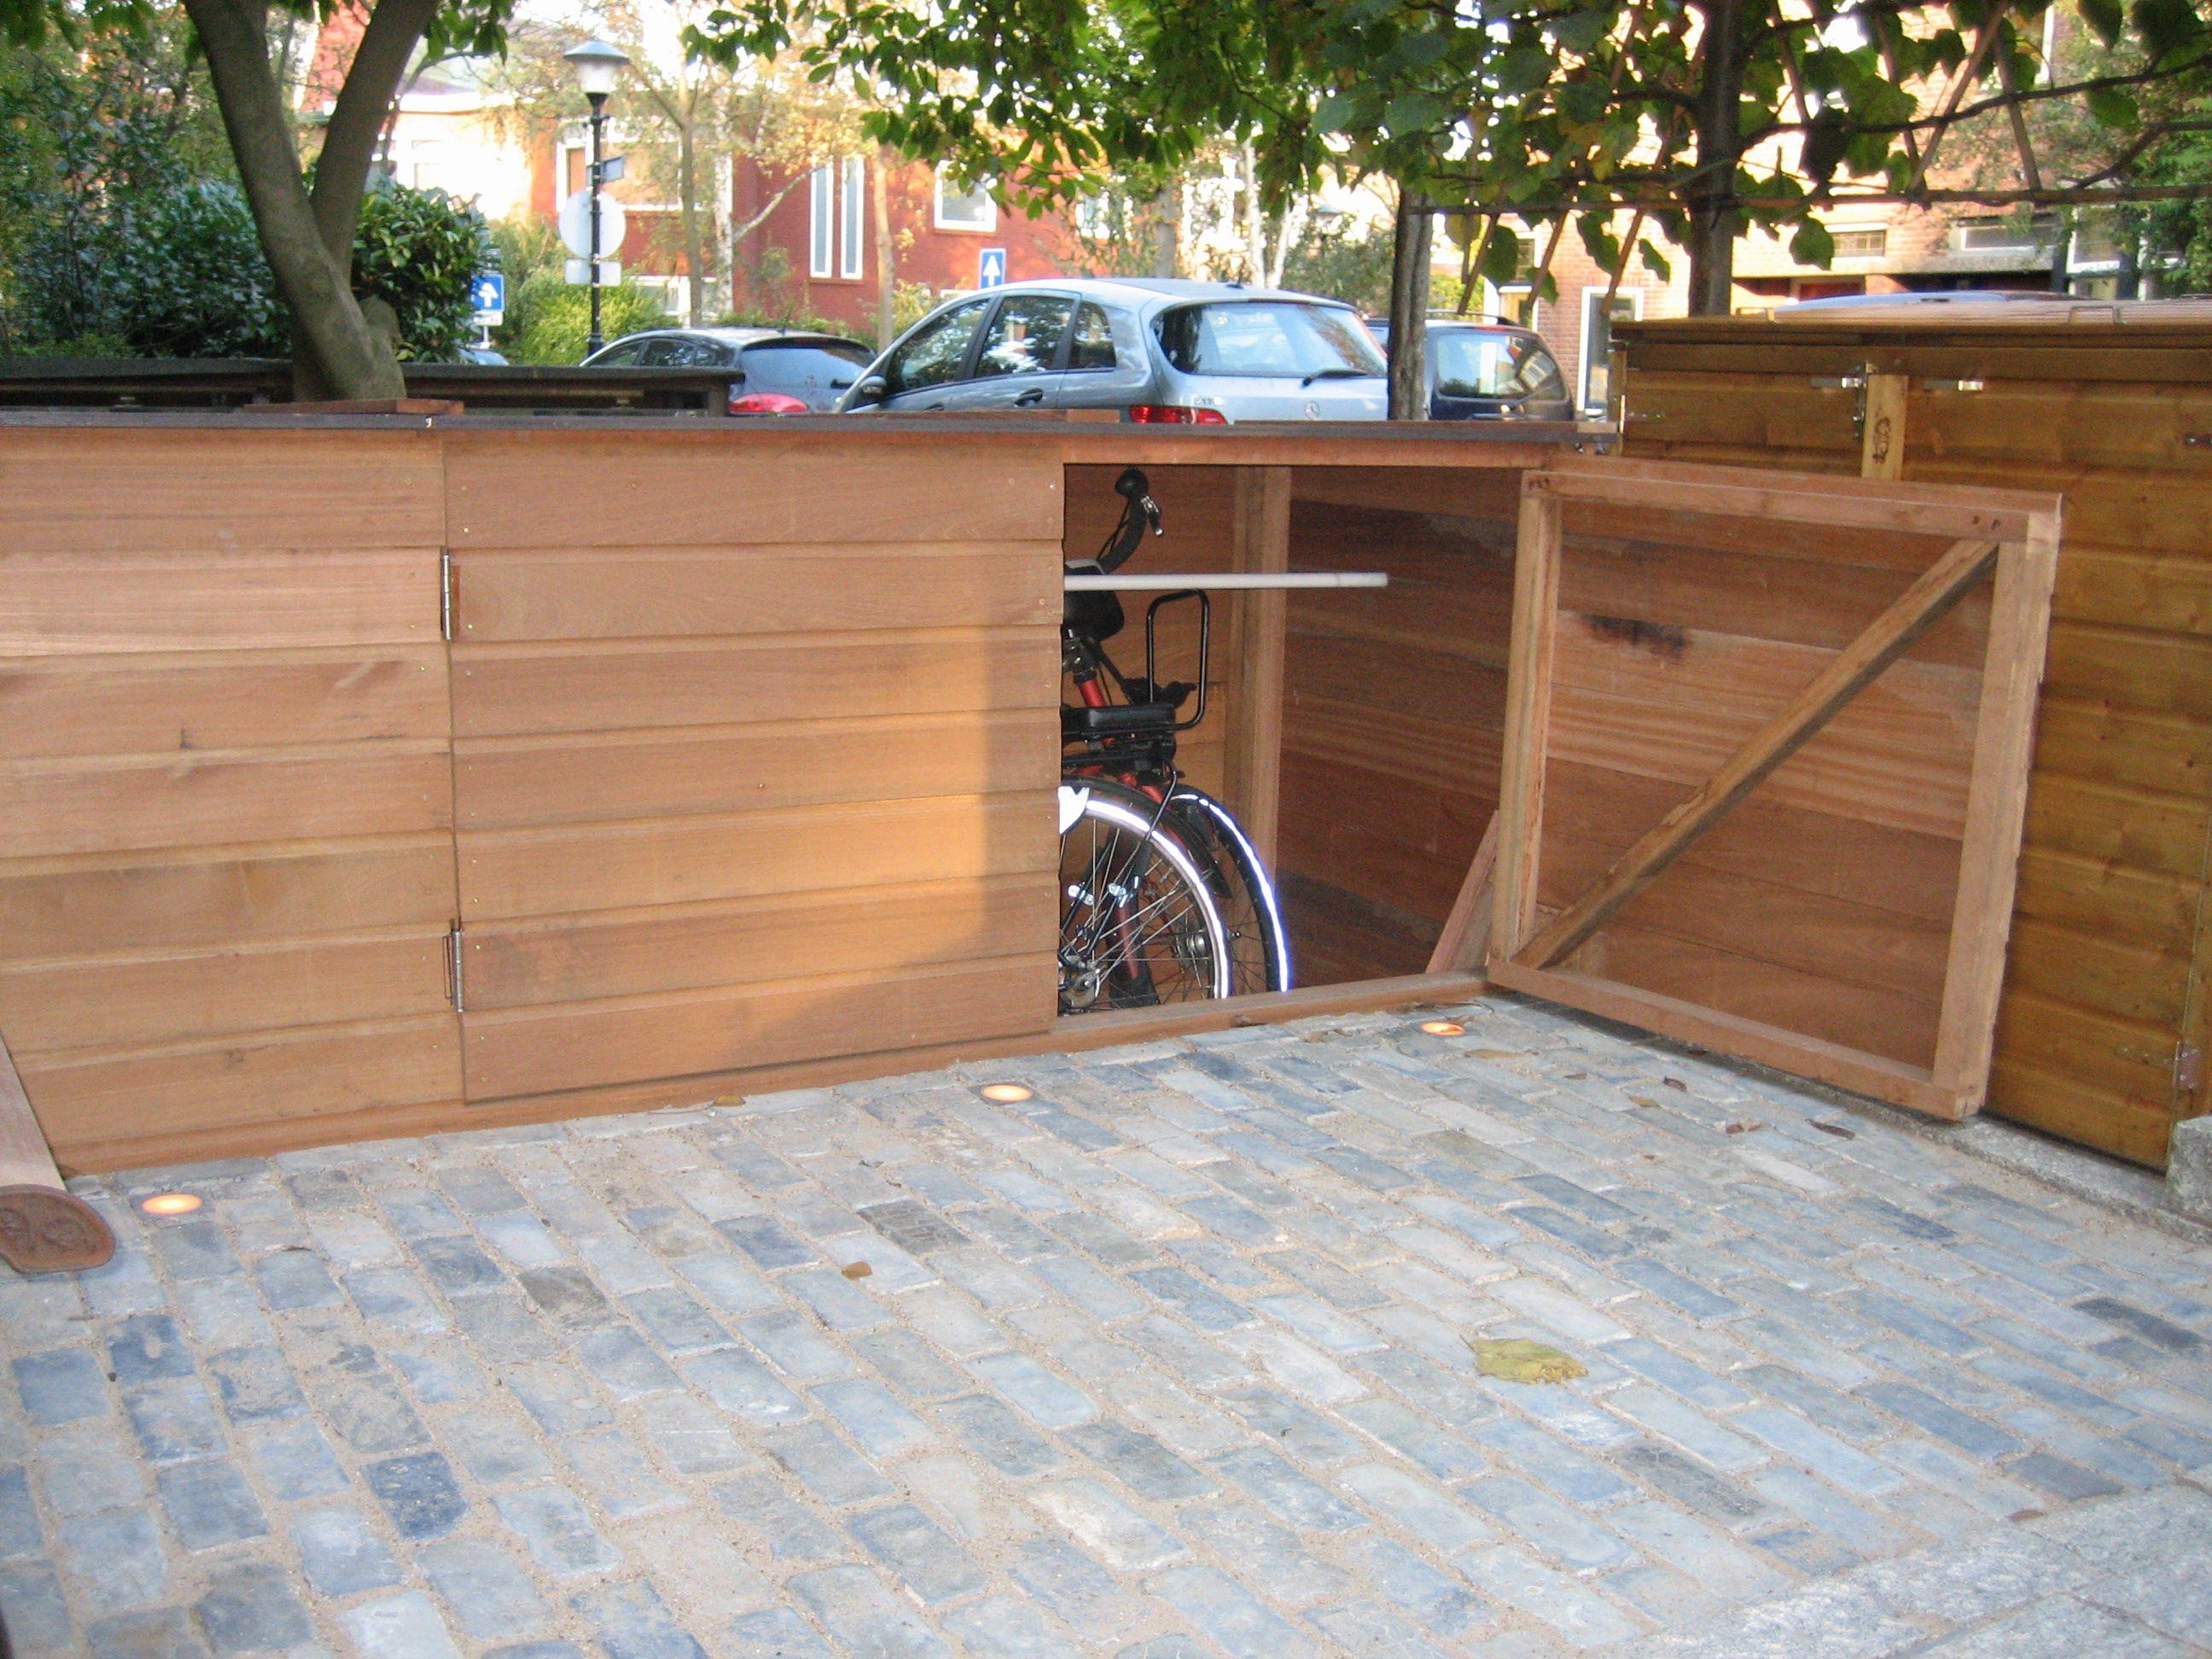 Bedwelming fietsenhok in voortuin - Google zoeken | FIETSBOX - Fai da te #XD66